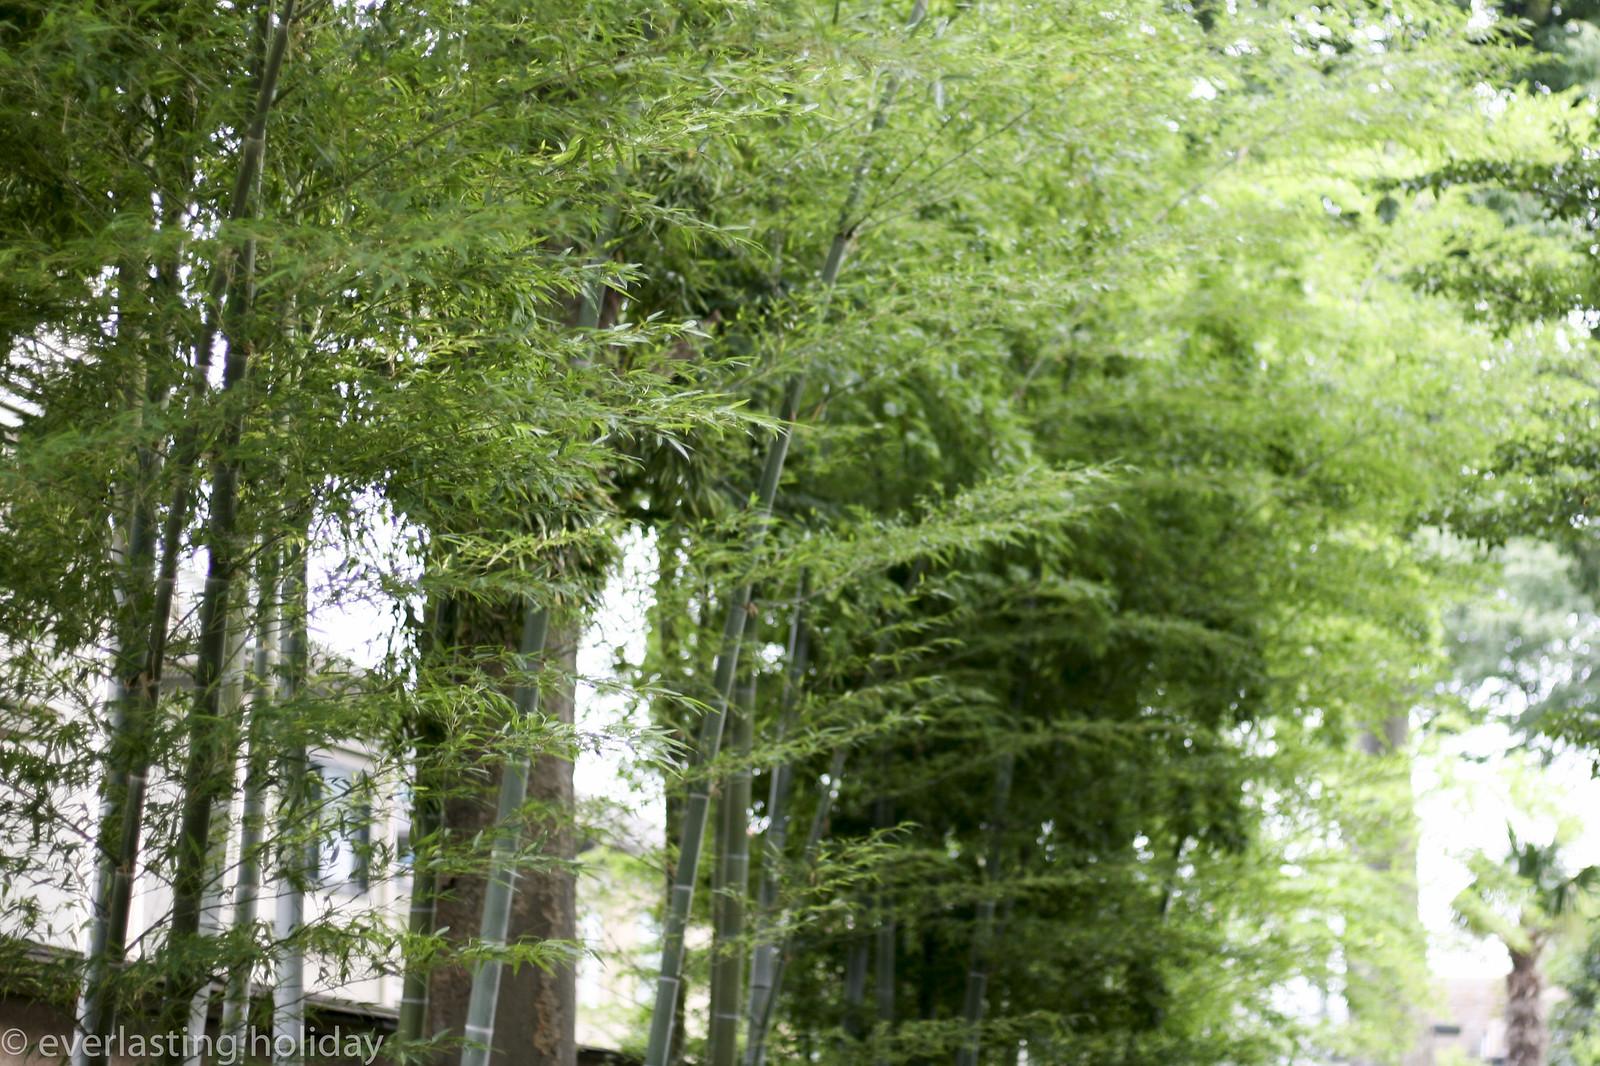 竹林 a bamboo forest